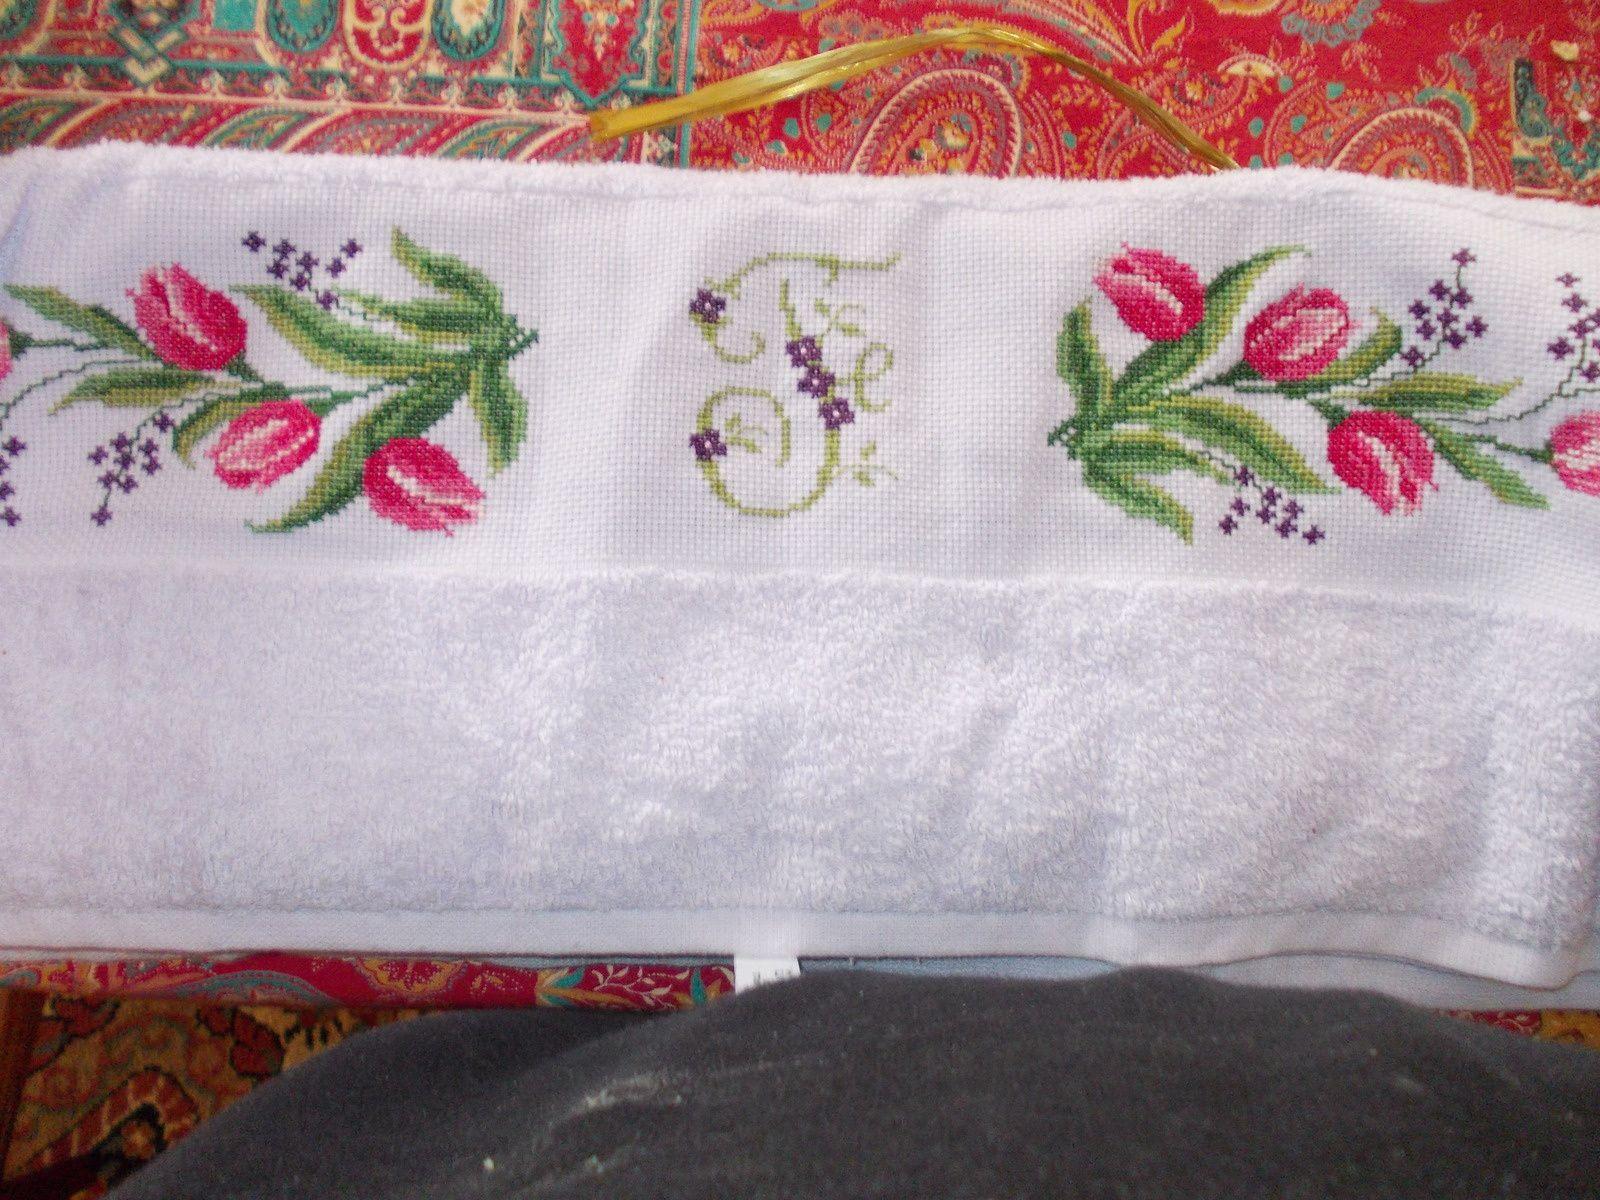 J'ai brodé pour mon amie Cigalette qui est née le même jour que moi mais quelques années plus tard  (sourire) une serviette de toilette mauve avec de jolies tulipes